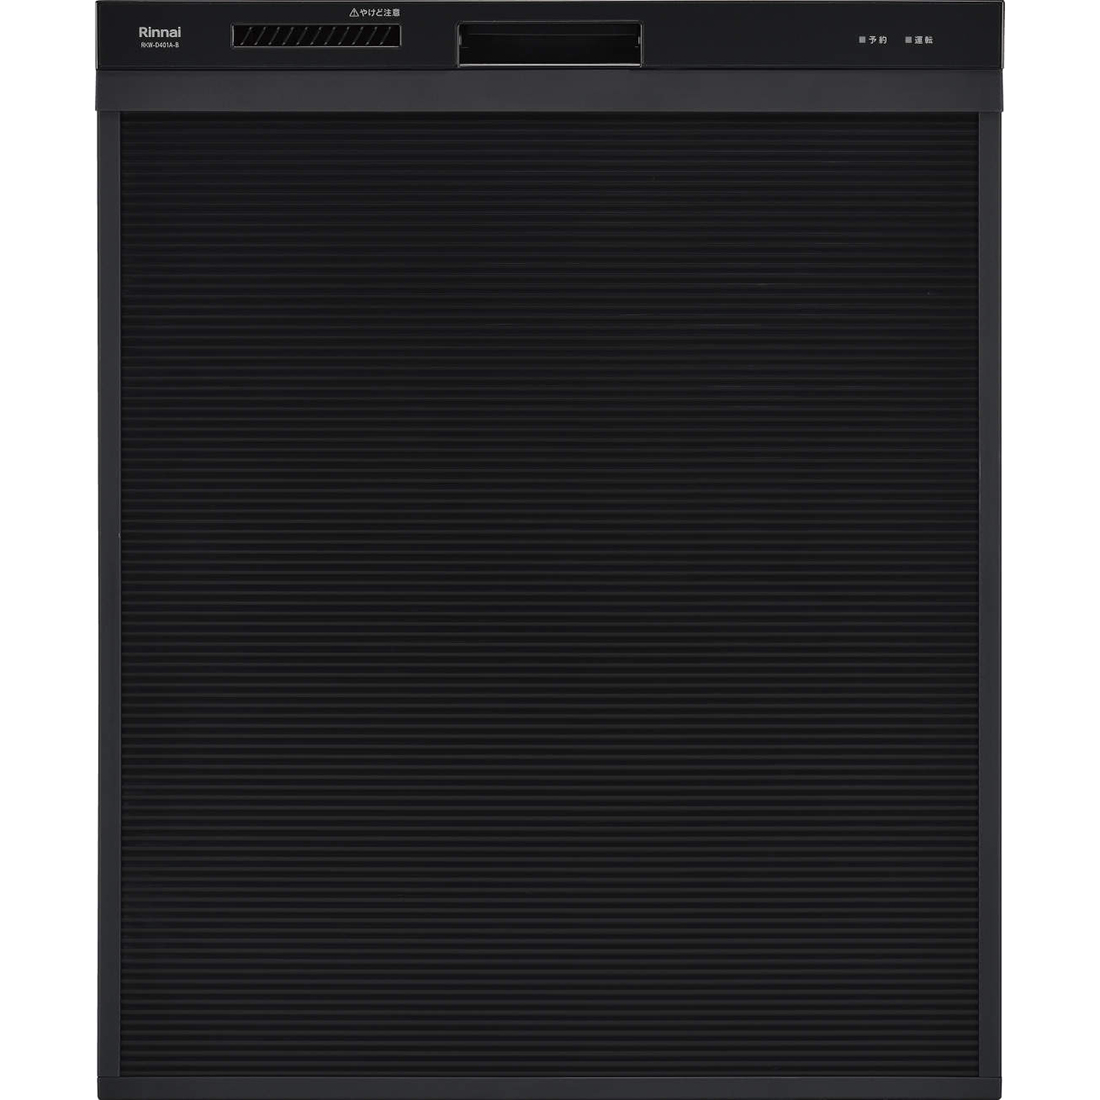 ▽###リンナイ 食器洗い乾燥機【RSW-SD401A-B】ブラック 自立脚付きタイプ 深型スライドオープン ぎっしりカゴタイプ 幅45cm スタンダード